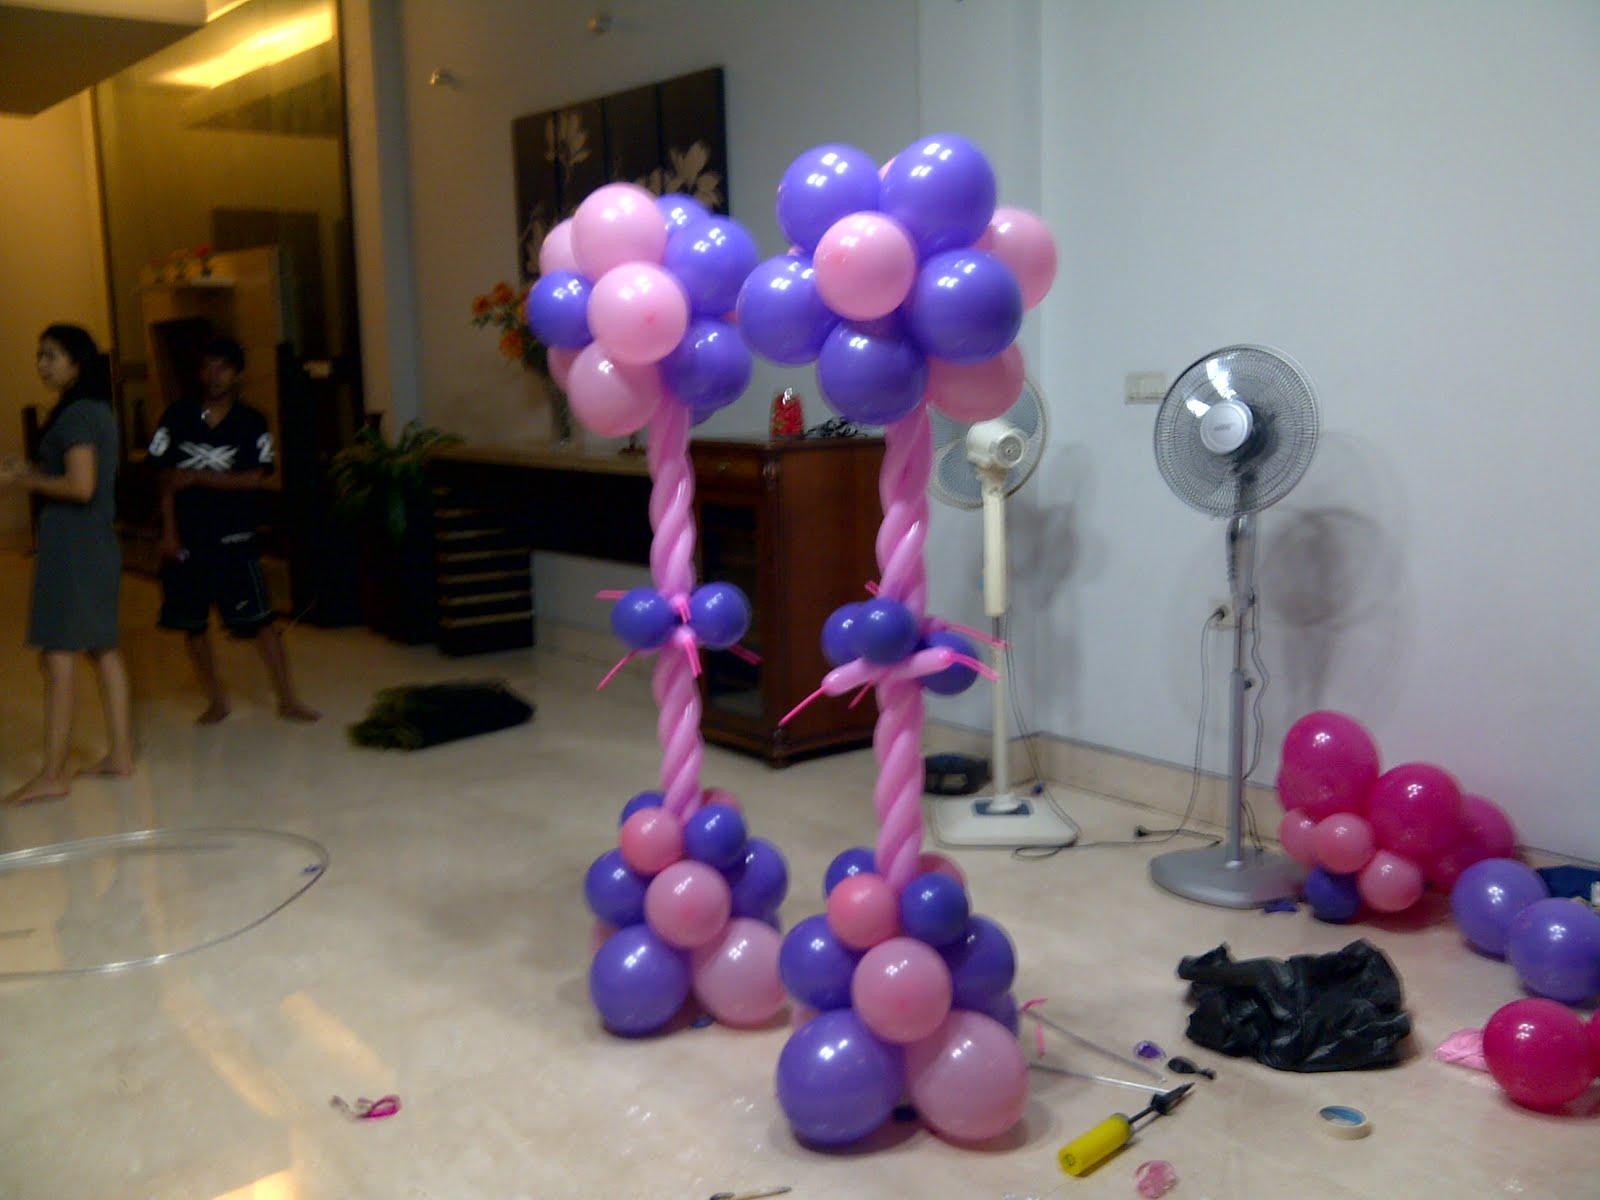 Dekorasi balon dekor ultah keysha for Dekor ulang tahun